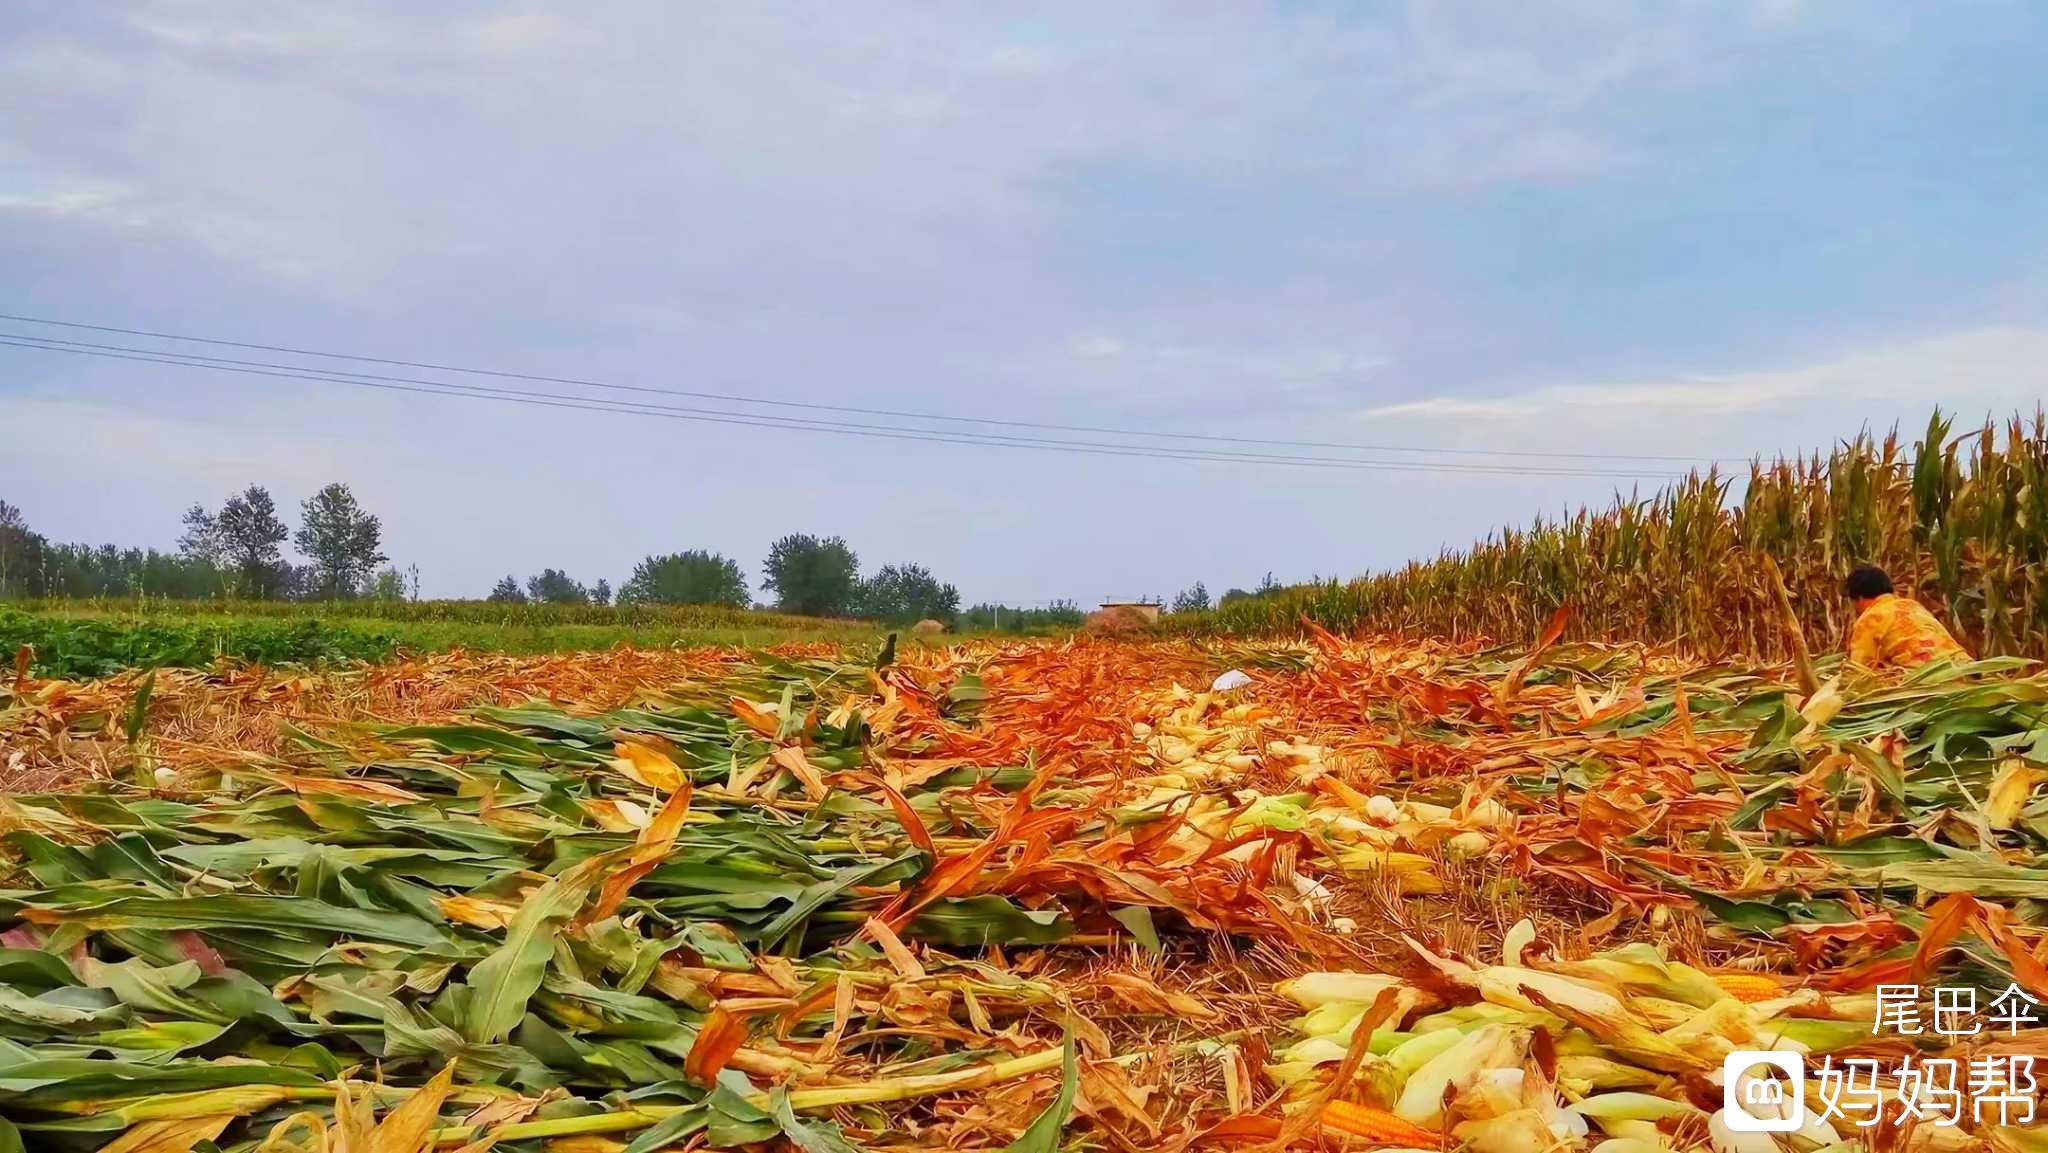 【秋天,收获季】+秋天来了,该收玉米了!